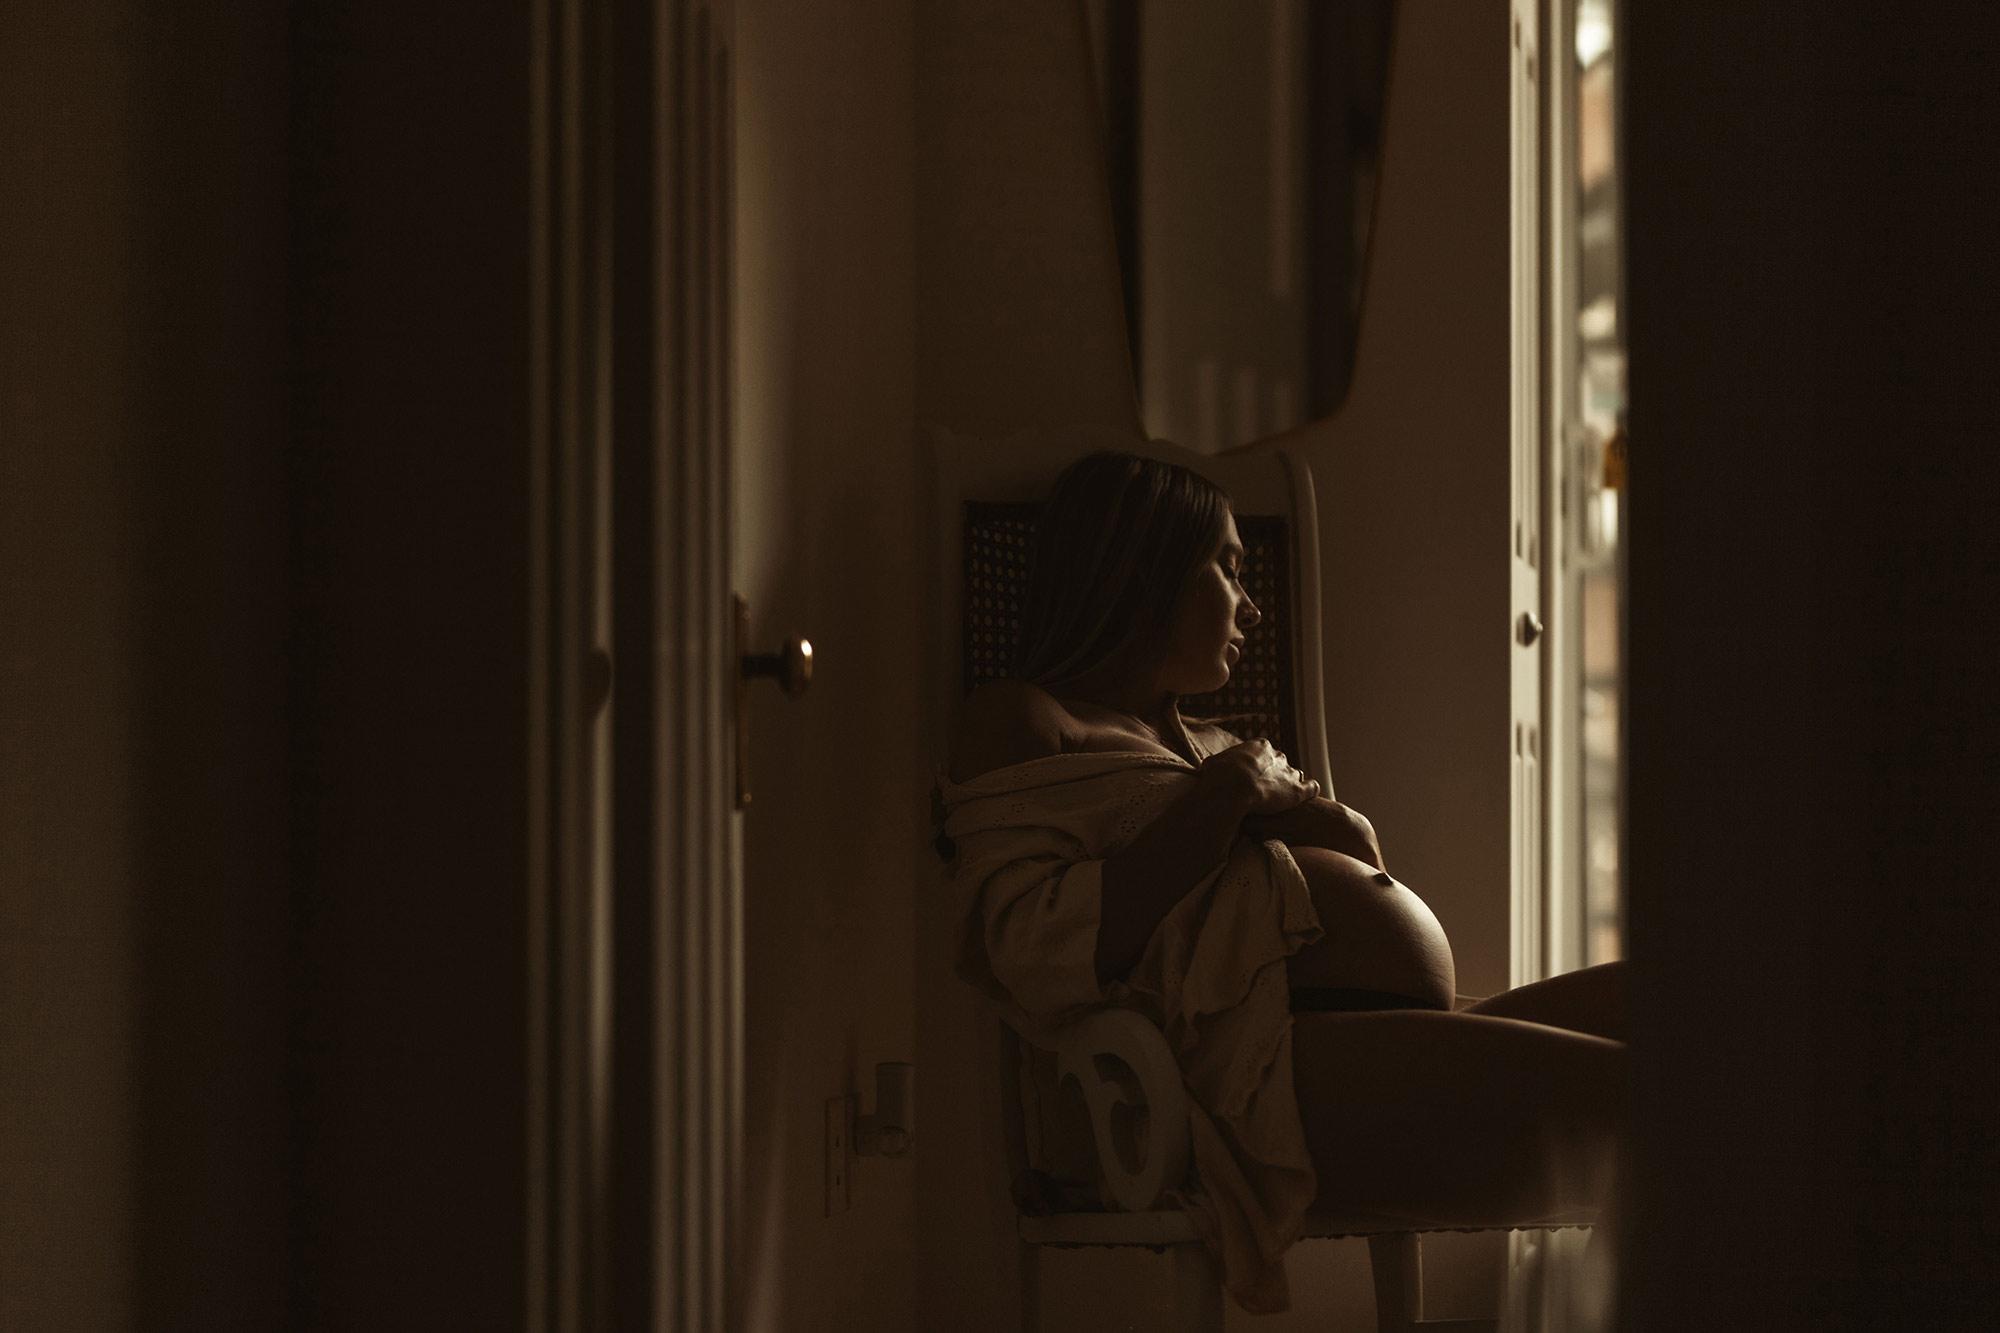 une femme enceinte assise sur une chaise avec les mains sur son ventre